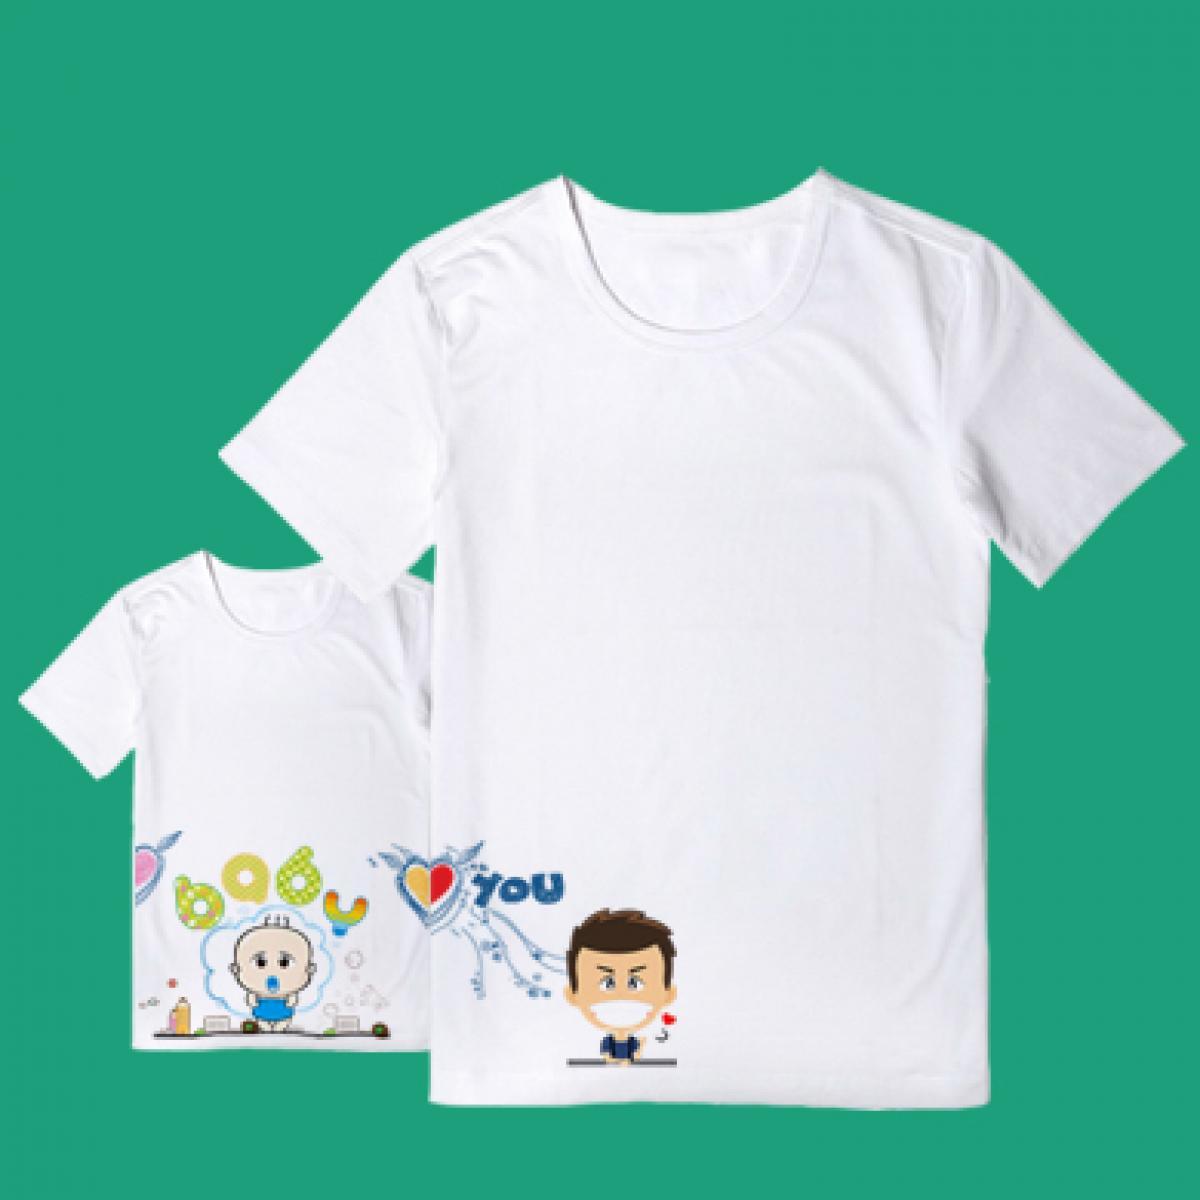 新款AR增强现实亲子情侣T恤